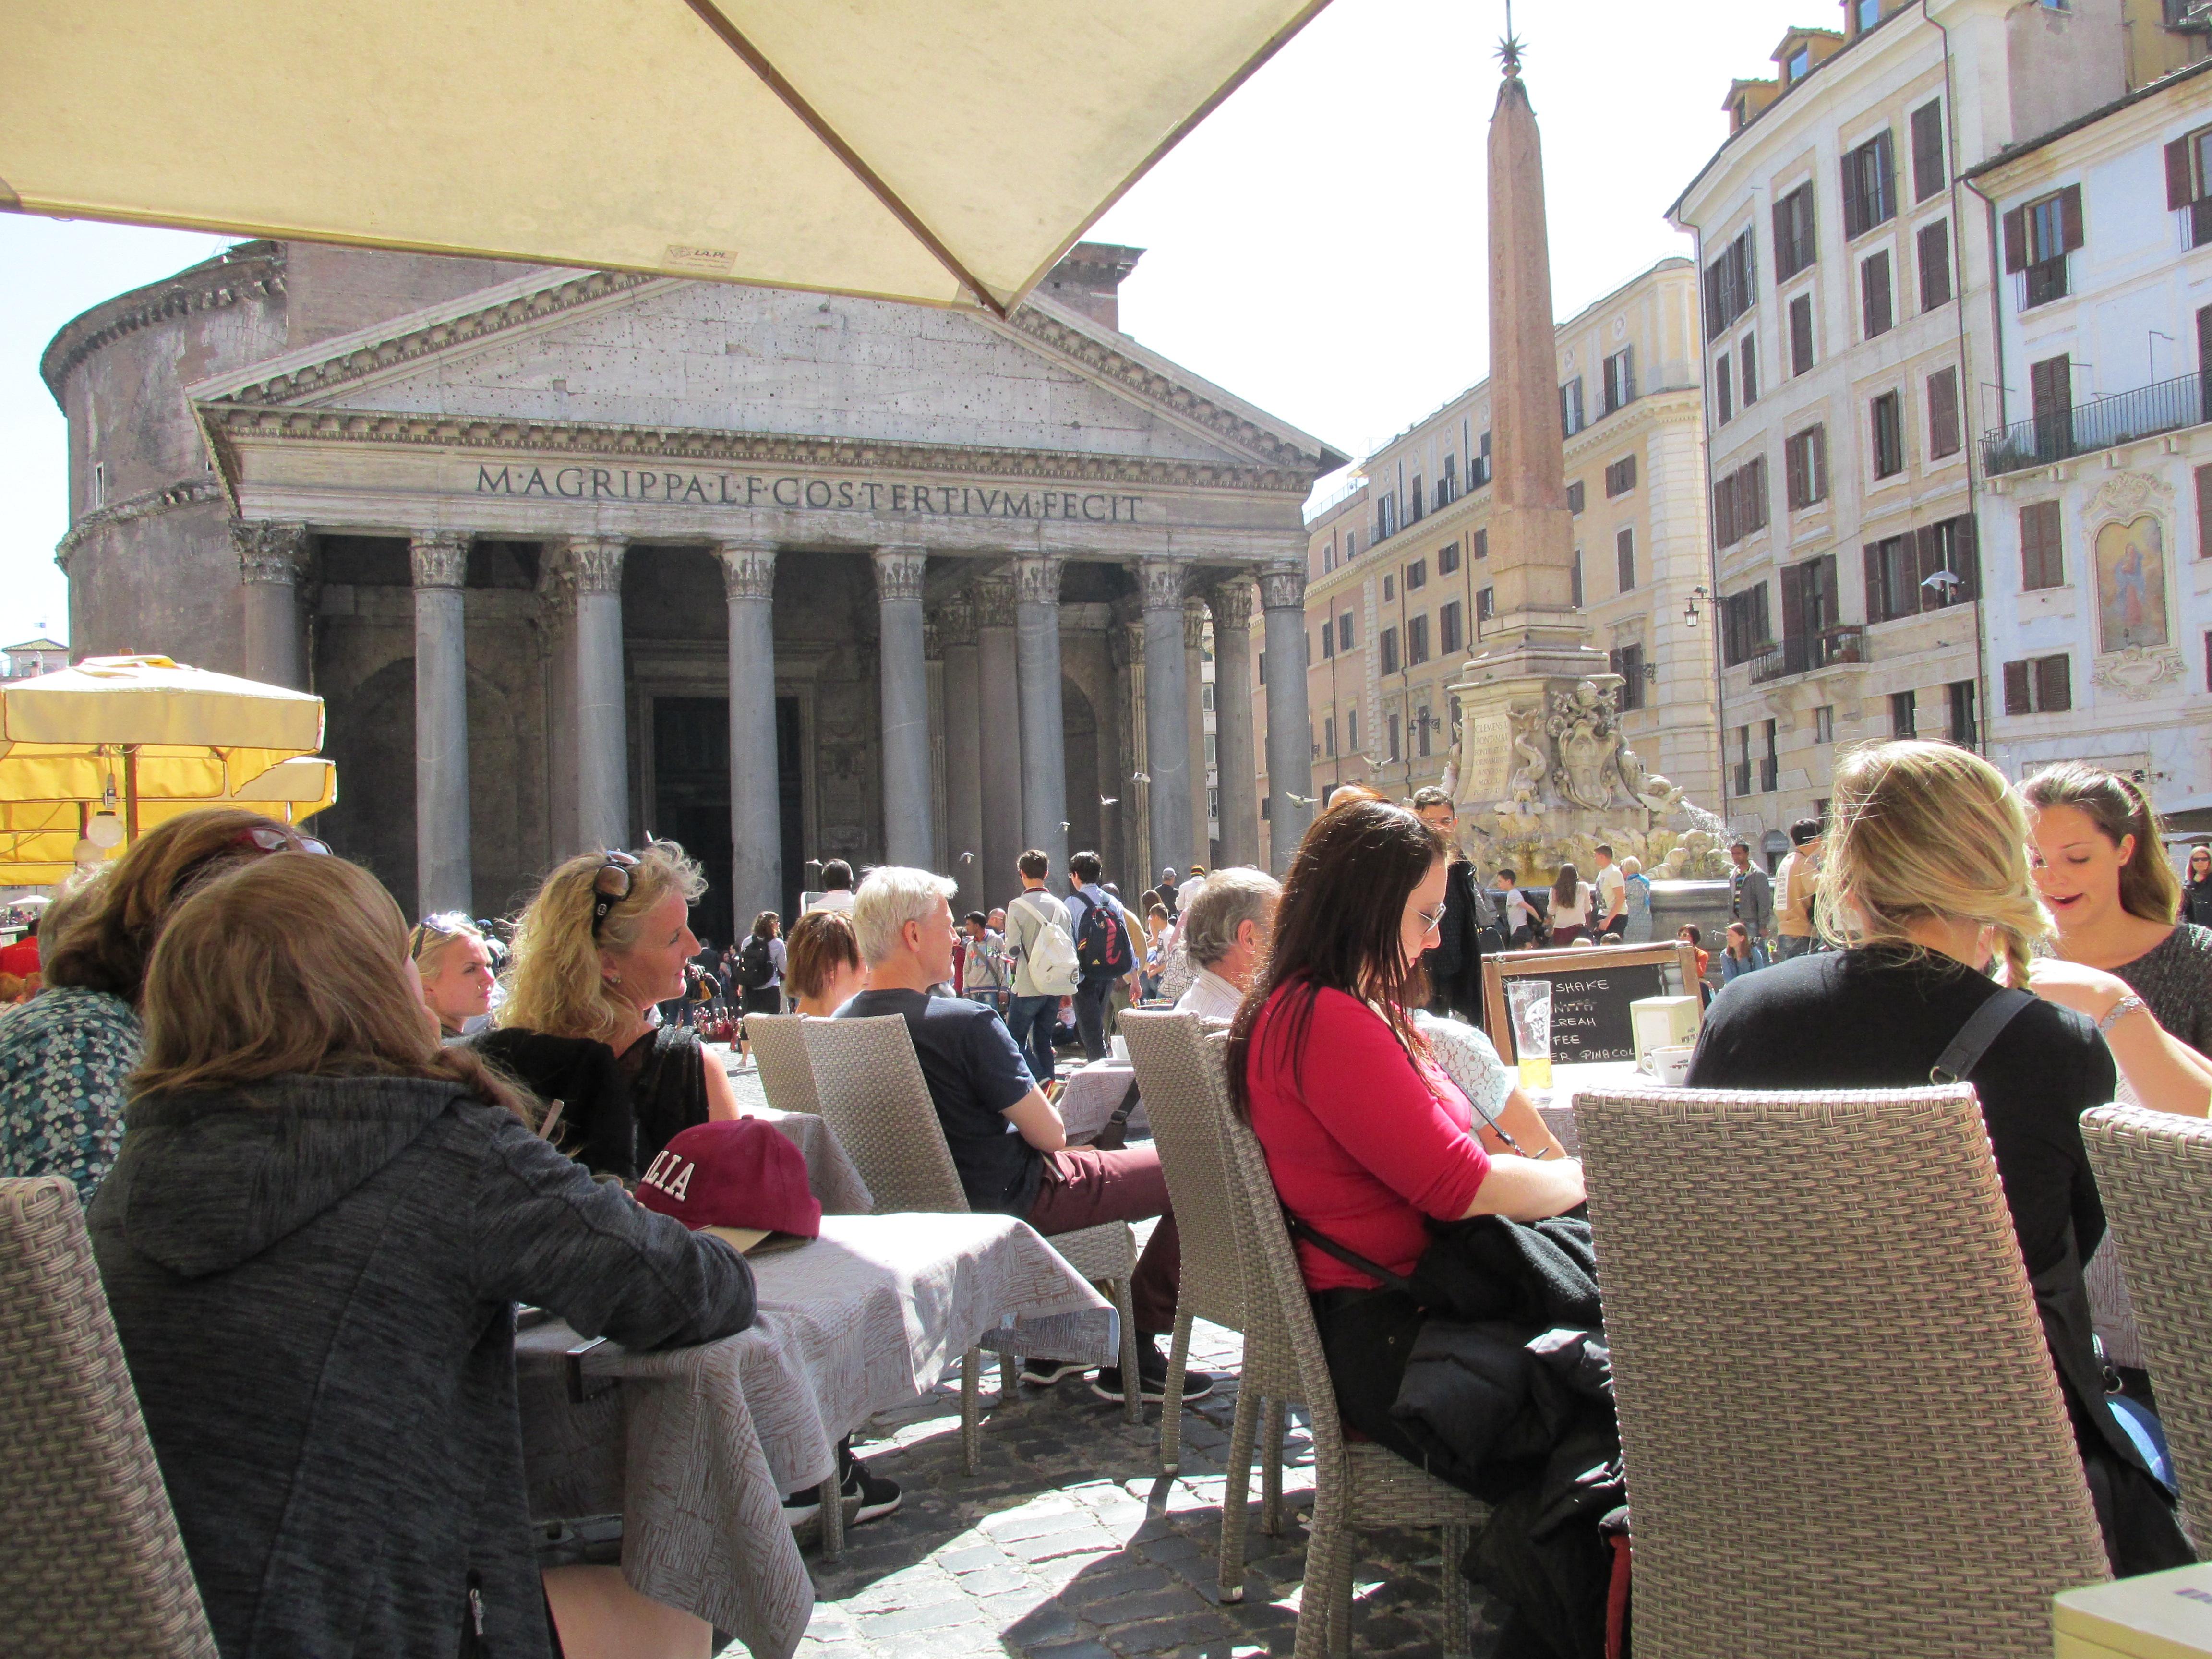 Almorzando en Piazza della Rotonda con el Panteón de fondo.